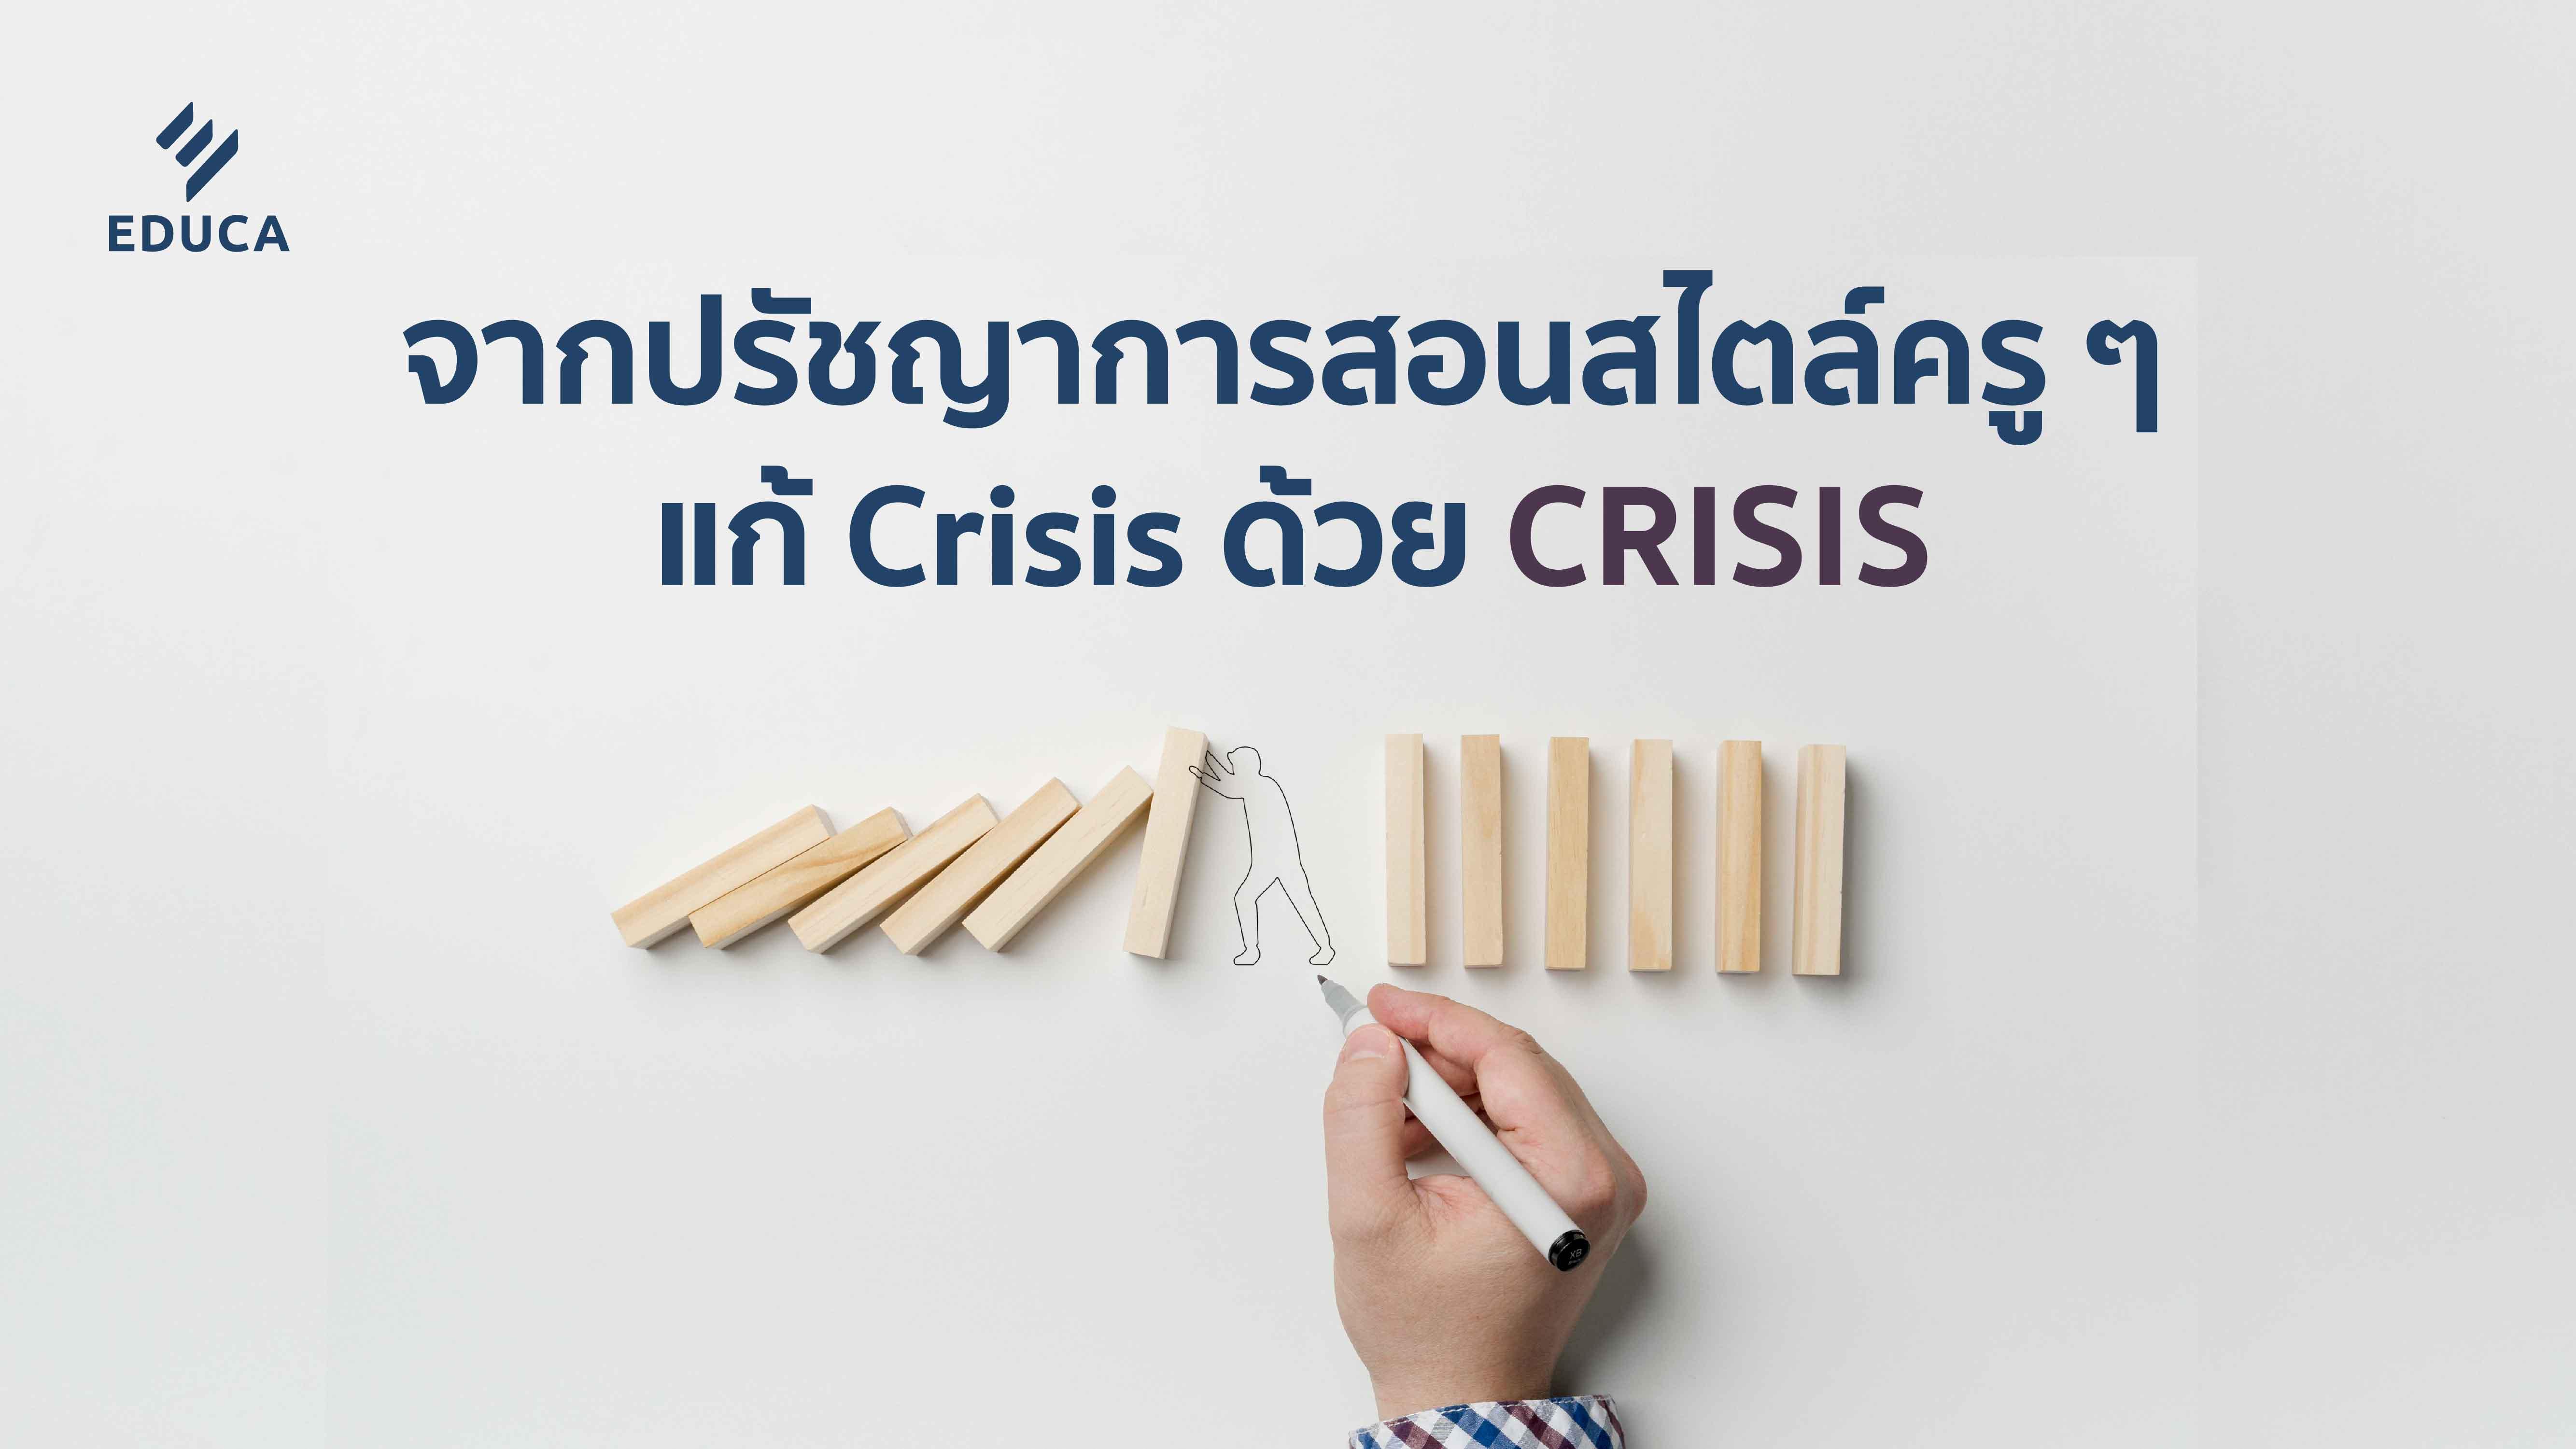 จากปรัชญาการสอนสไตล์ครูๆ แก้ Crisis ด้วย CRISIS